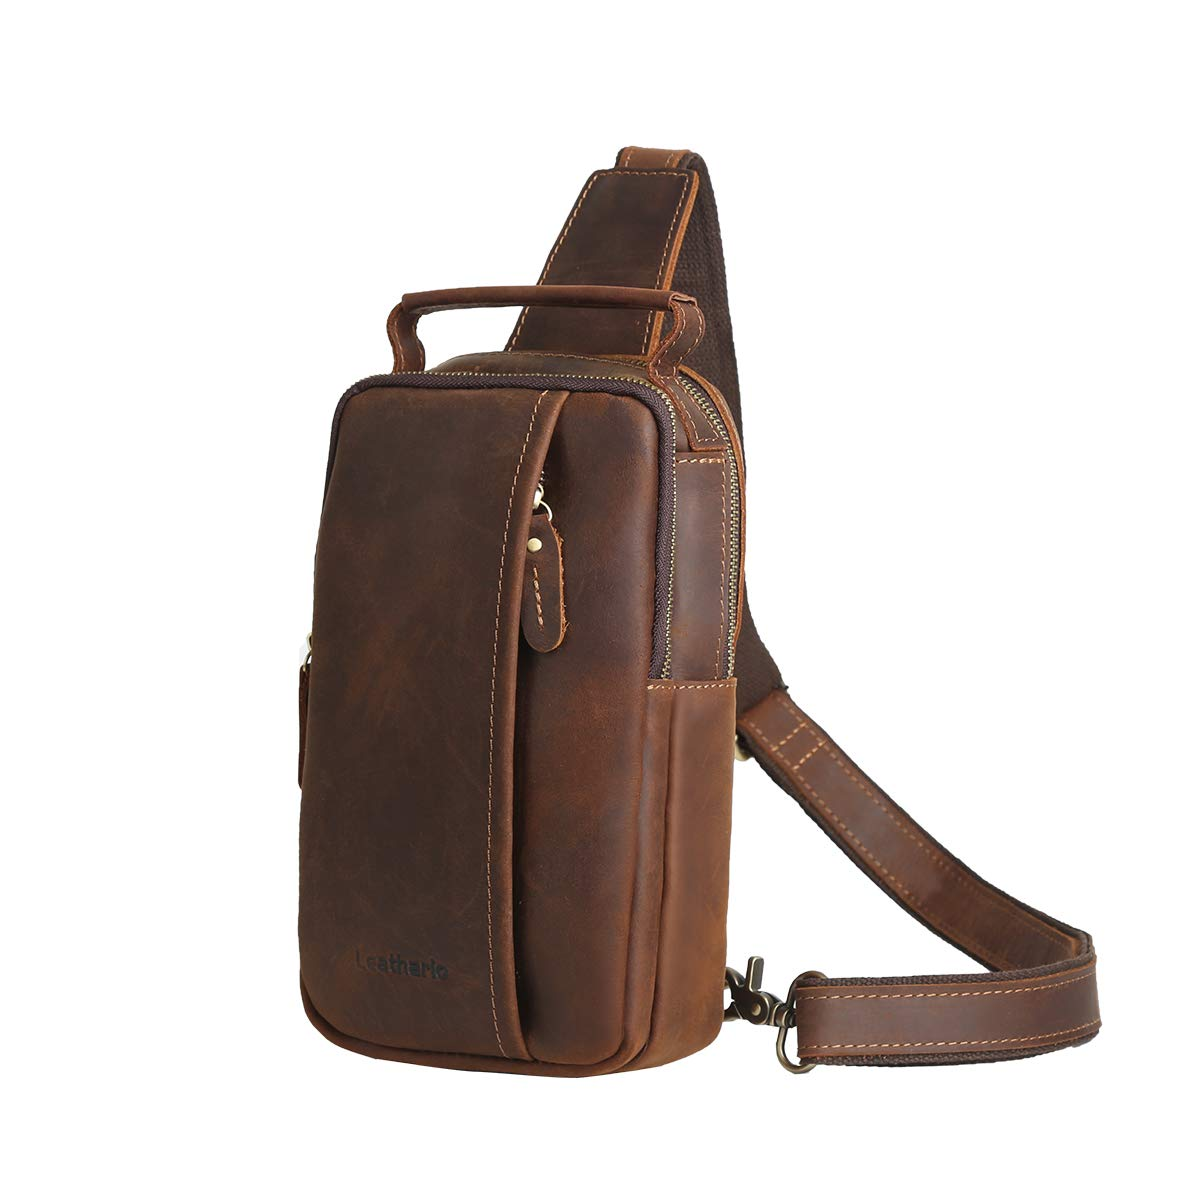 Leathario crossbody väska män äkta läder axelremsväska bröstväska vintage multifunktionell stöldsäker affärer vardaglig utomhus resor Dark Brown75